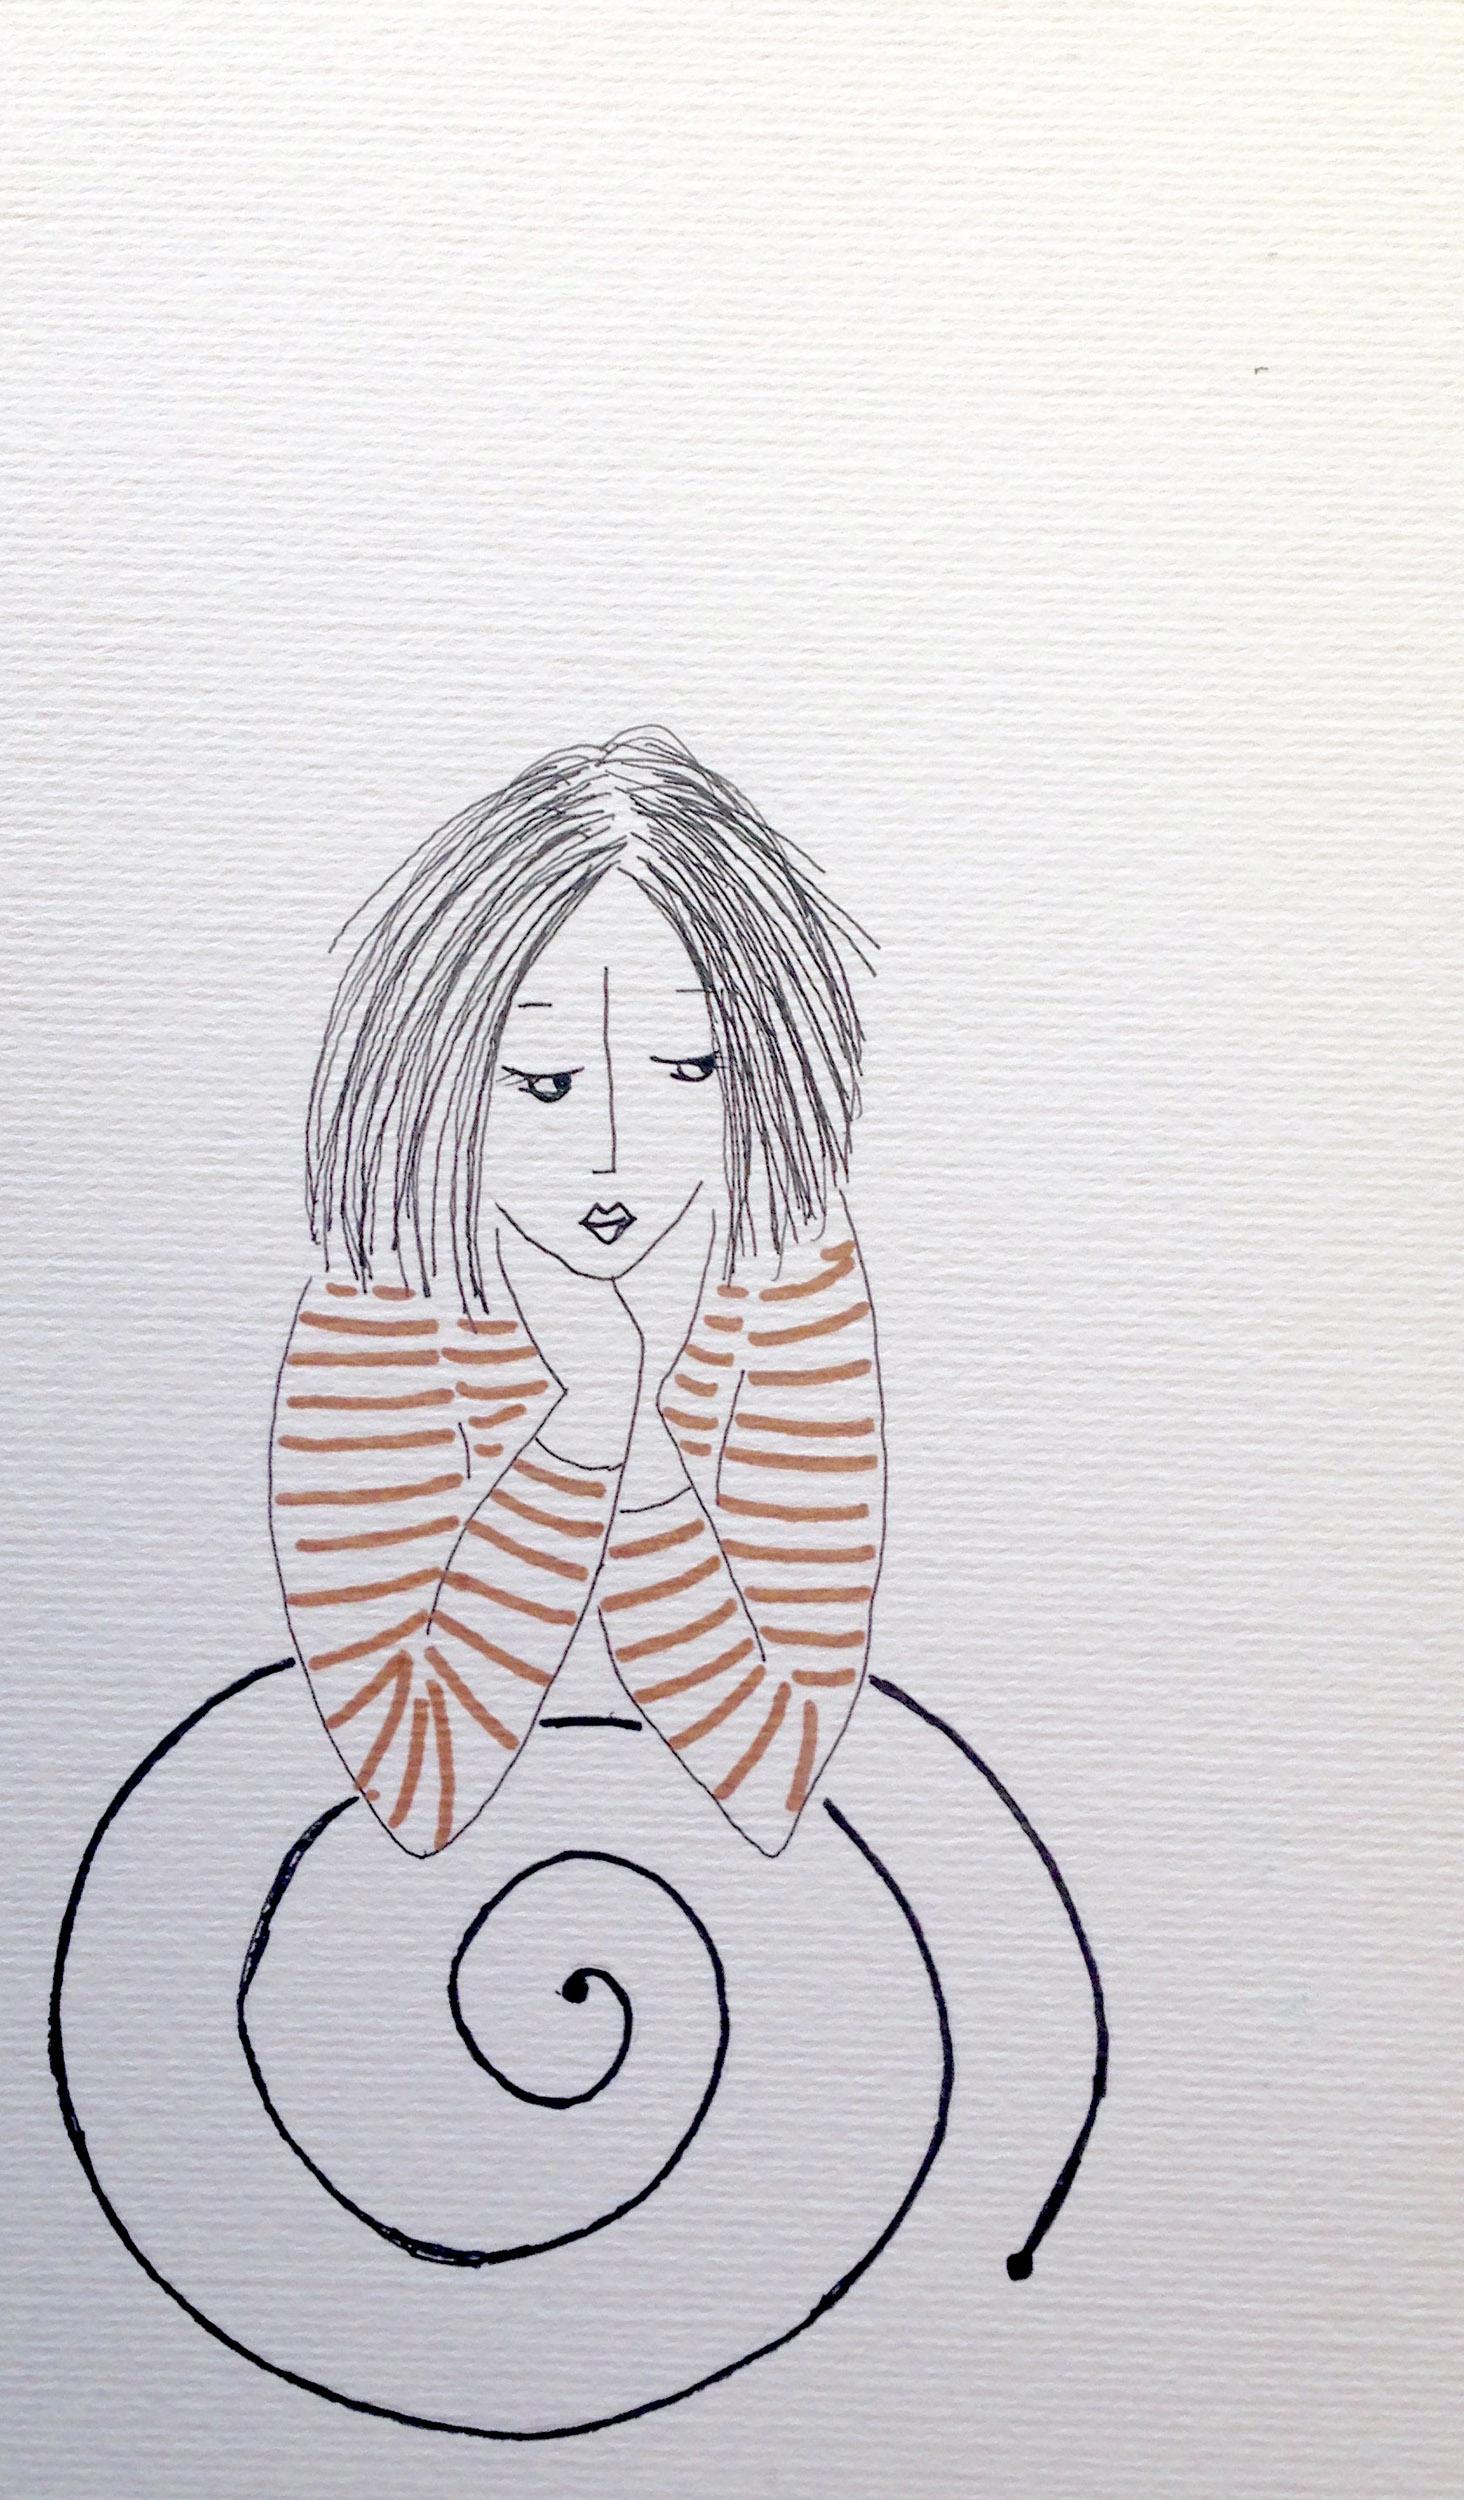 Pensando em Espiral